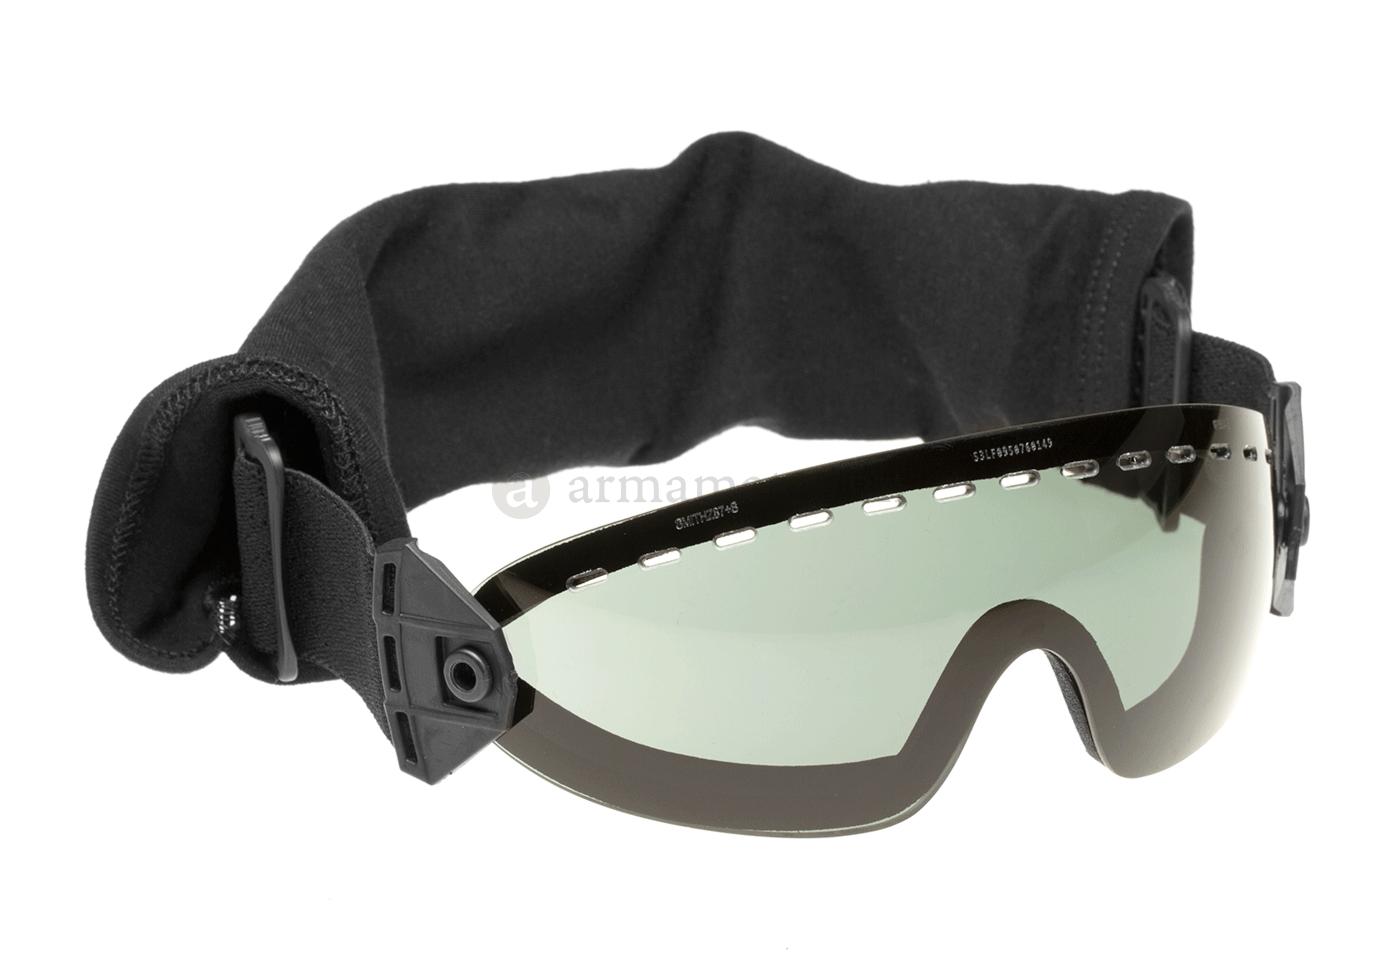 8df53ef0ce24c Boogie SOEP Grey Black (Smith Optics) - Goggles - Brillen ...